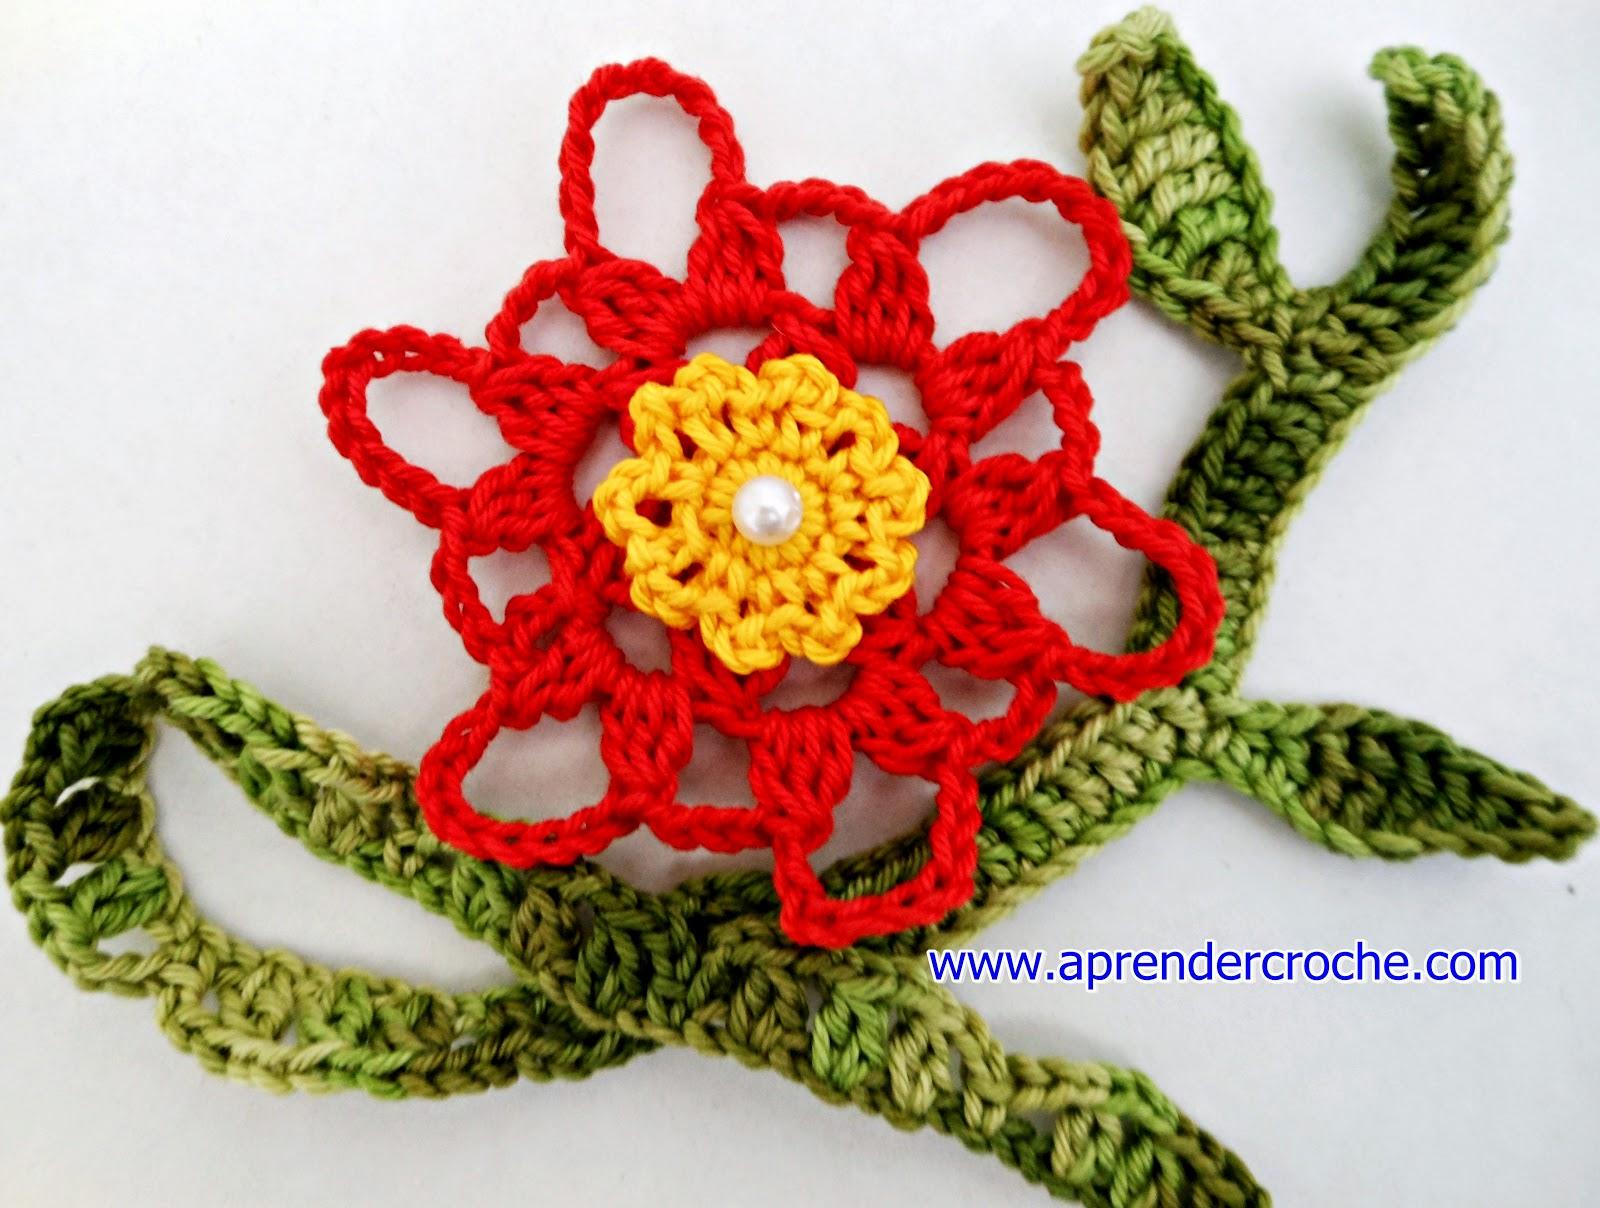 flores em croche motivos florais imperatriz aprender croche com edinir-croche dvd video-aulas loja curso frete gratis